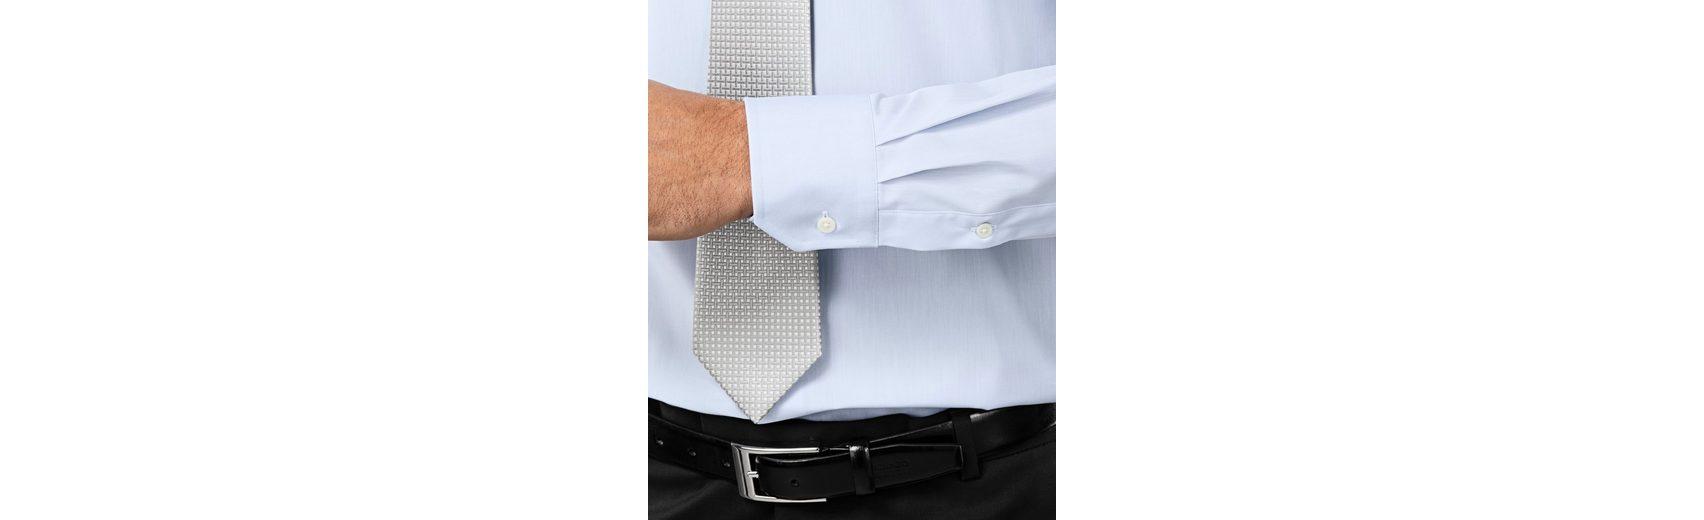 Vincenzo Boretti Hemd aus bügelfreiem Stoff Schnelle Lieferung Günstig Online Visa-Zahlung Günstig Online Wirklich Zum Verkauf Günstigen Preis Kaufen Rabatt Tbg6FEeNo